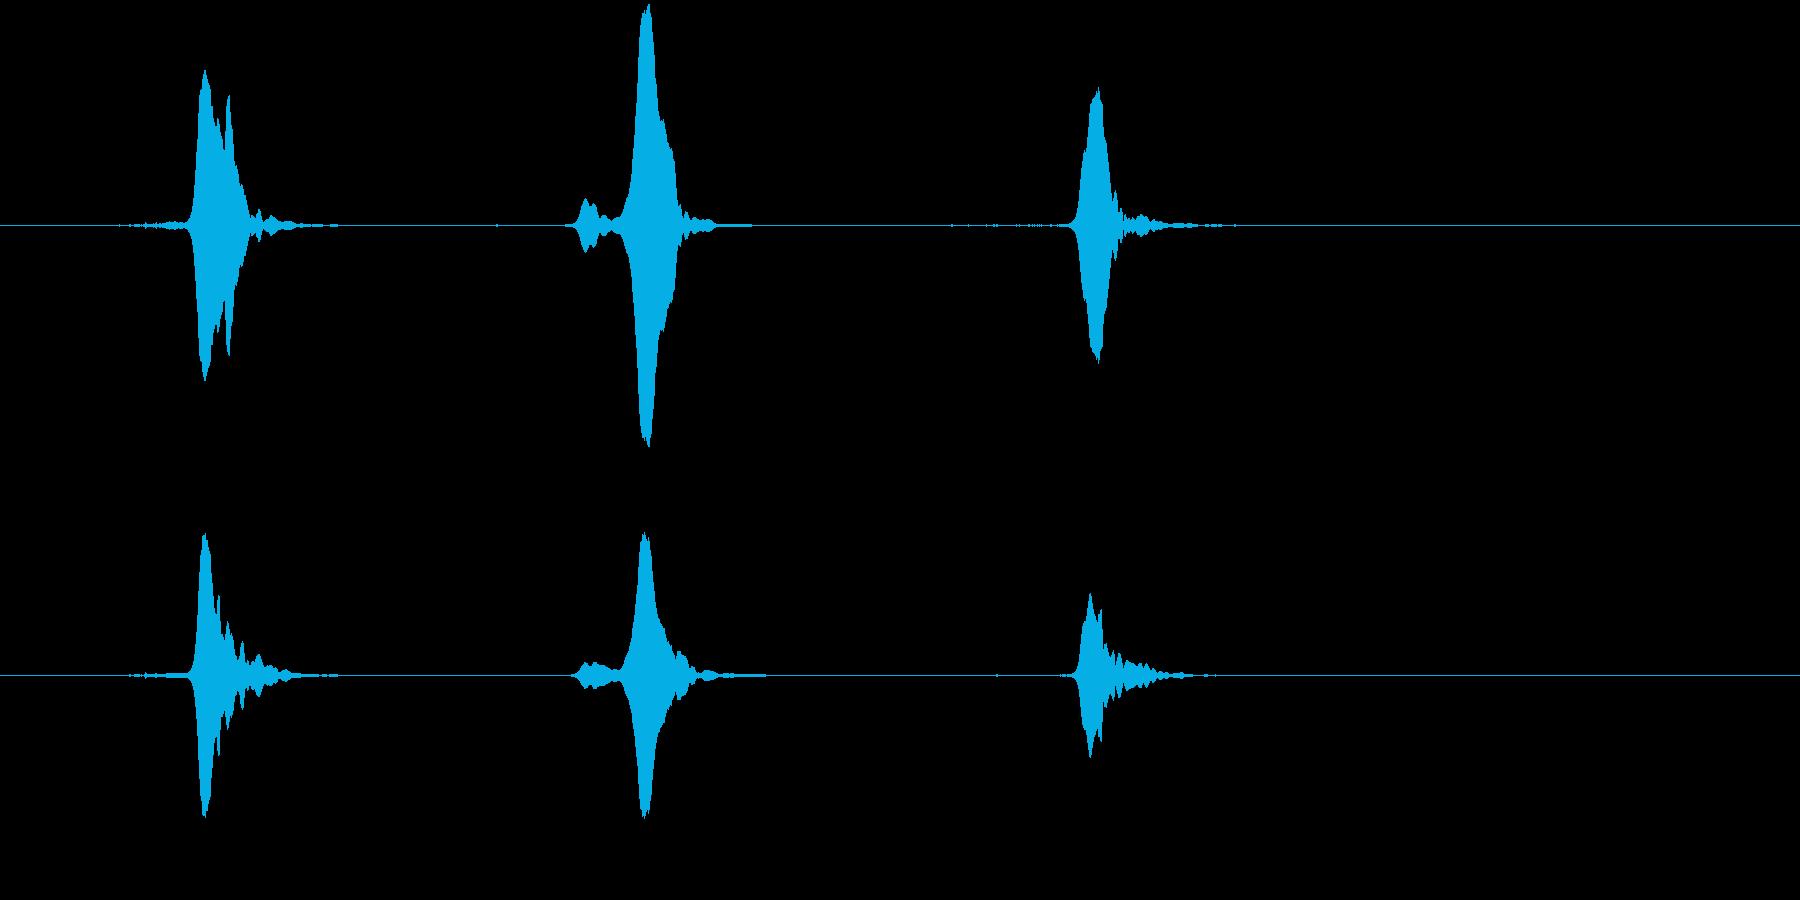 キイキイキイ(蛇口)の再生済みの波形